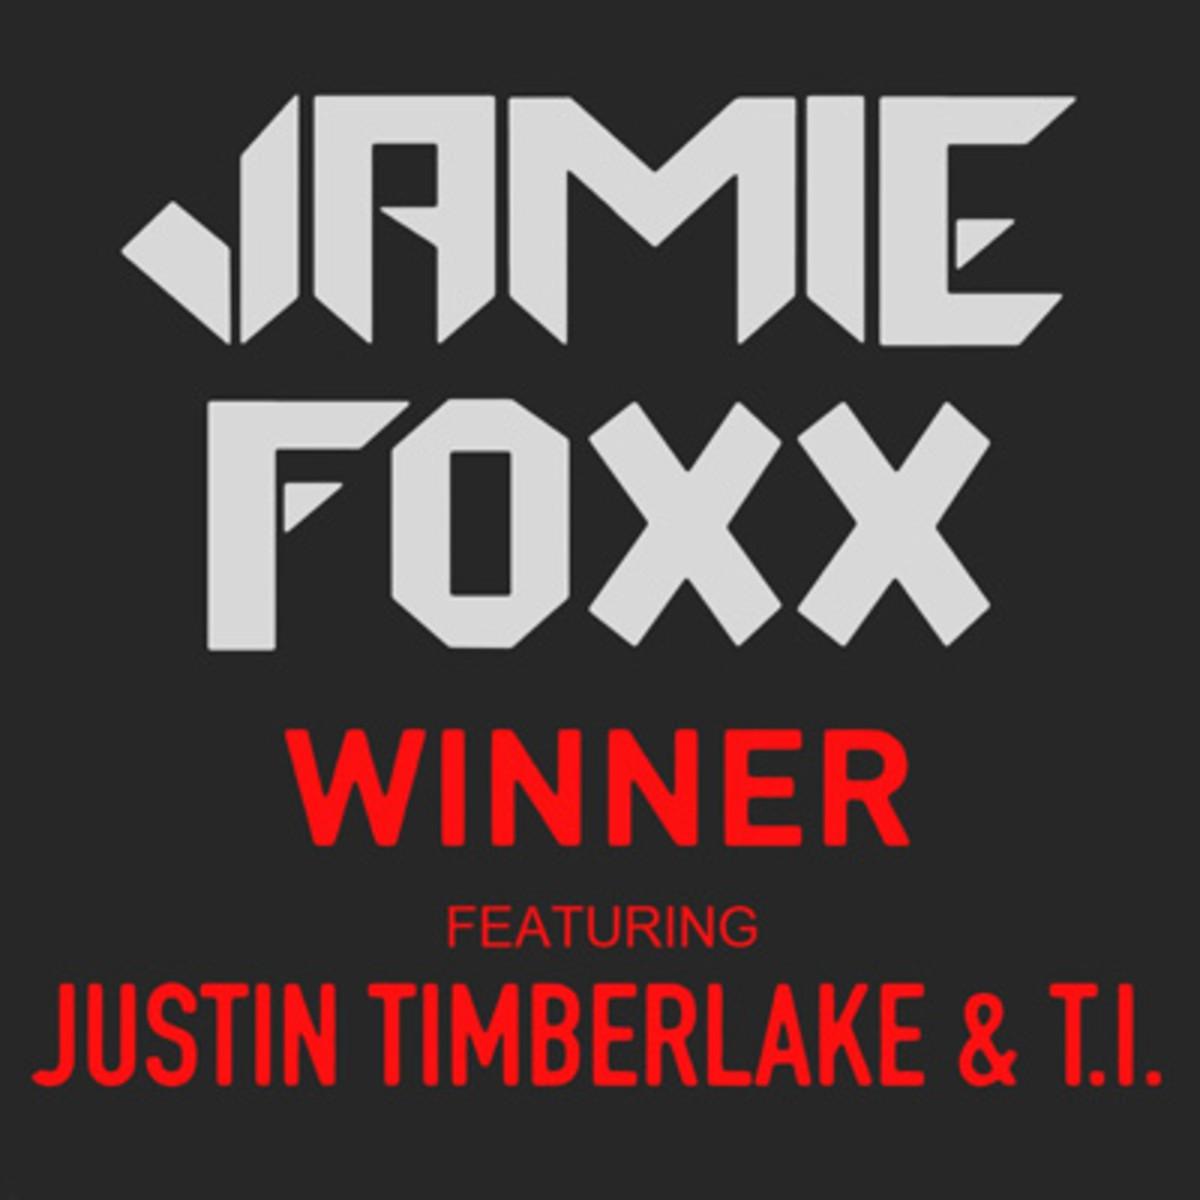 jamiefoxx-winner.jpg